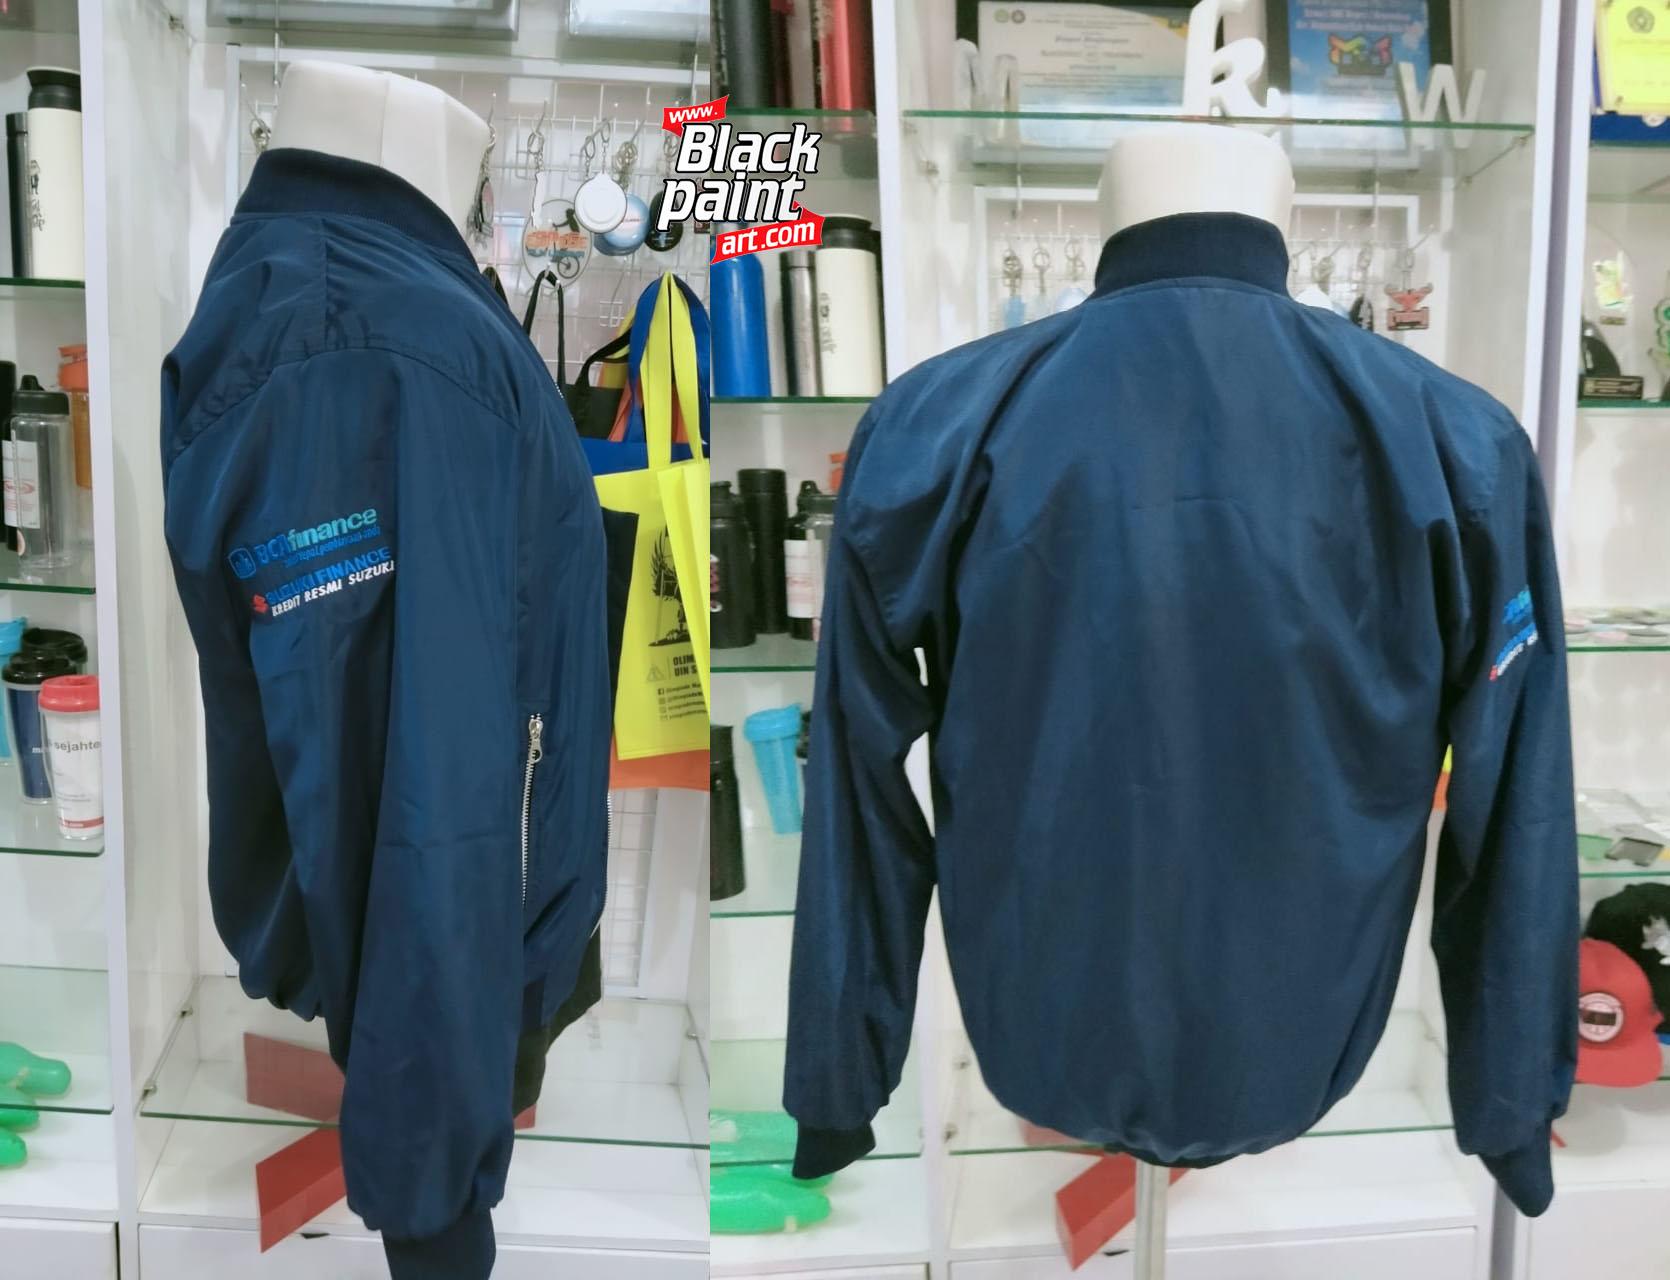 Hello, warga Pekanbaru! Apakah kamu sedang mencari dimana tempat buat bordir jaket di Pekanbaru? Gak usah bingung! Di Blackpaint Print Shop bisa kok.